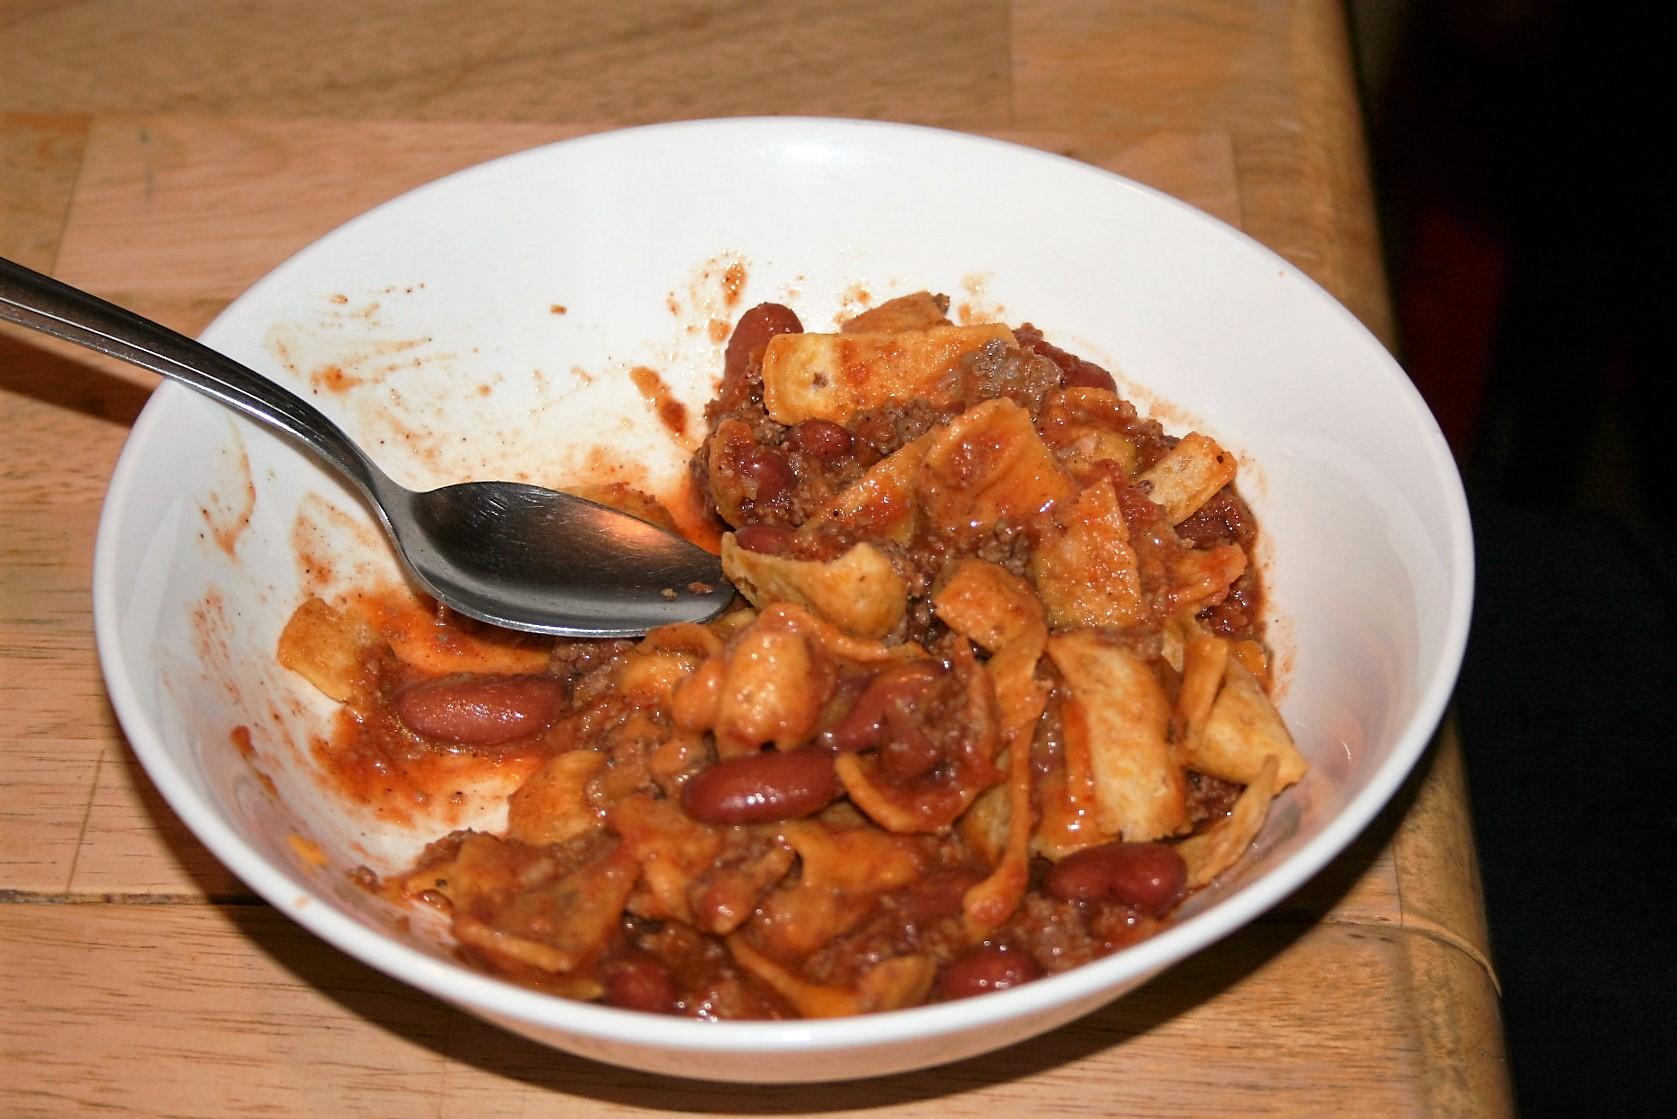 Tiff's bowl of chili pie ~ Lifeofjoy.me